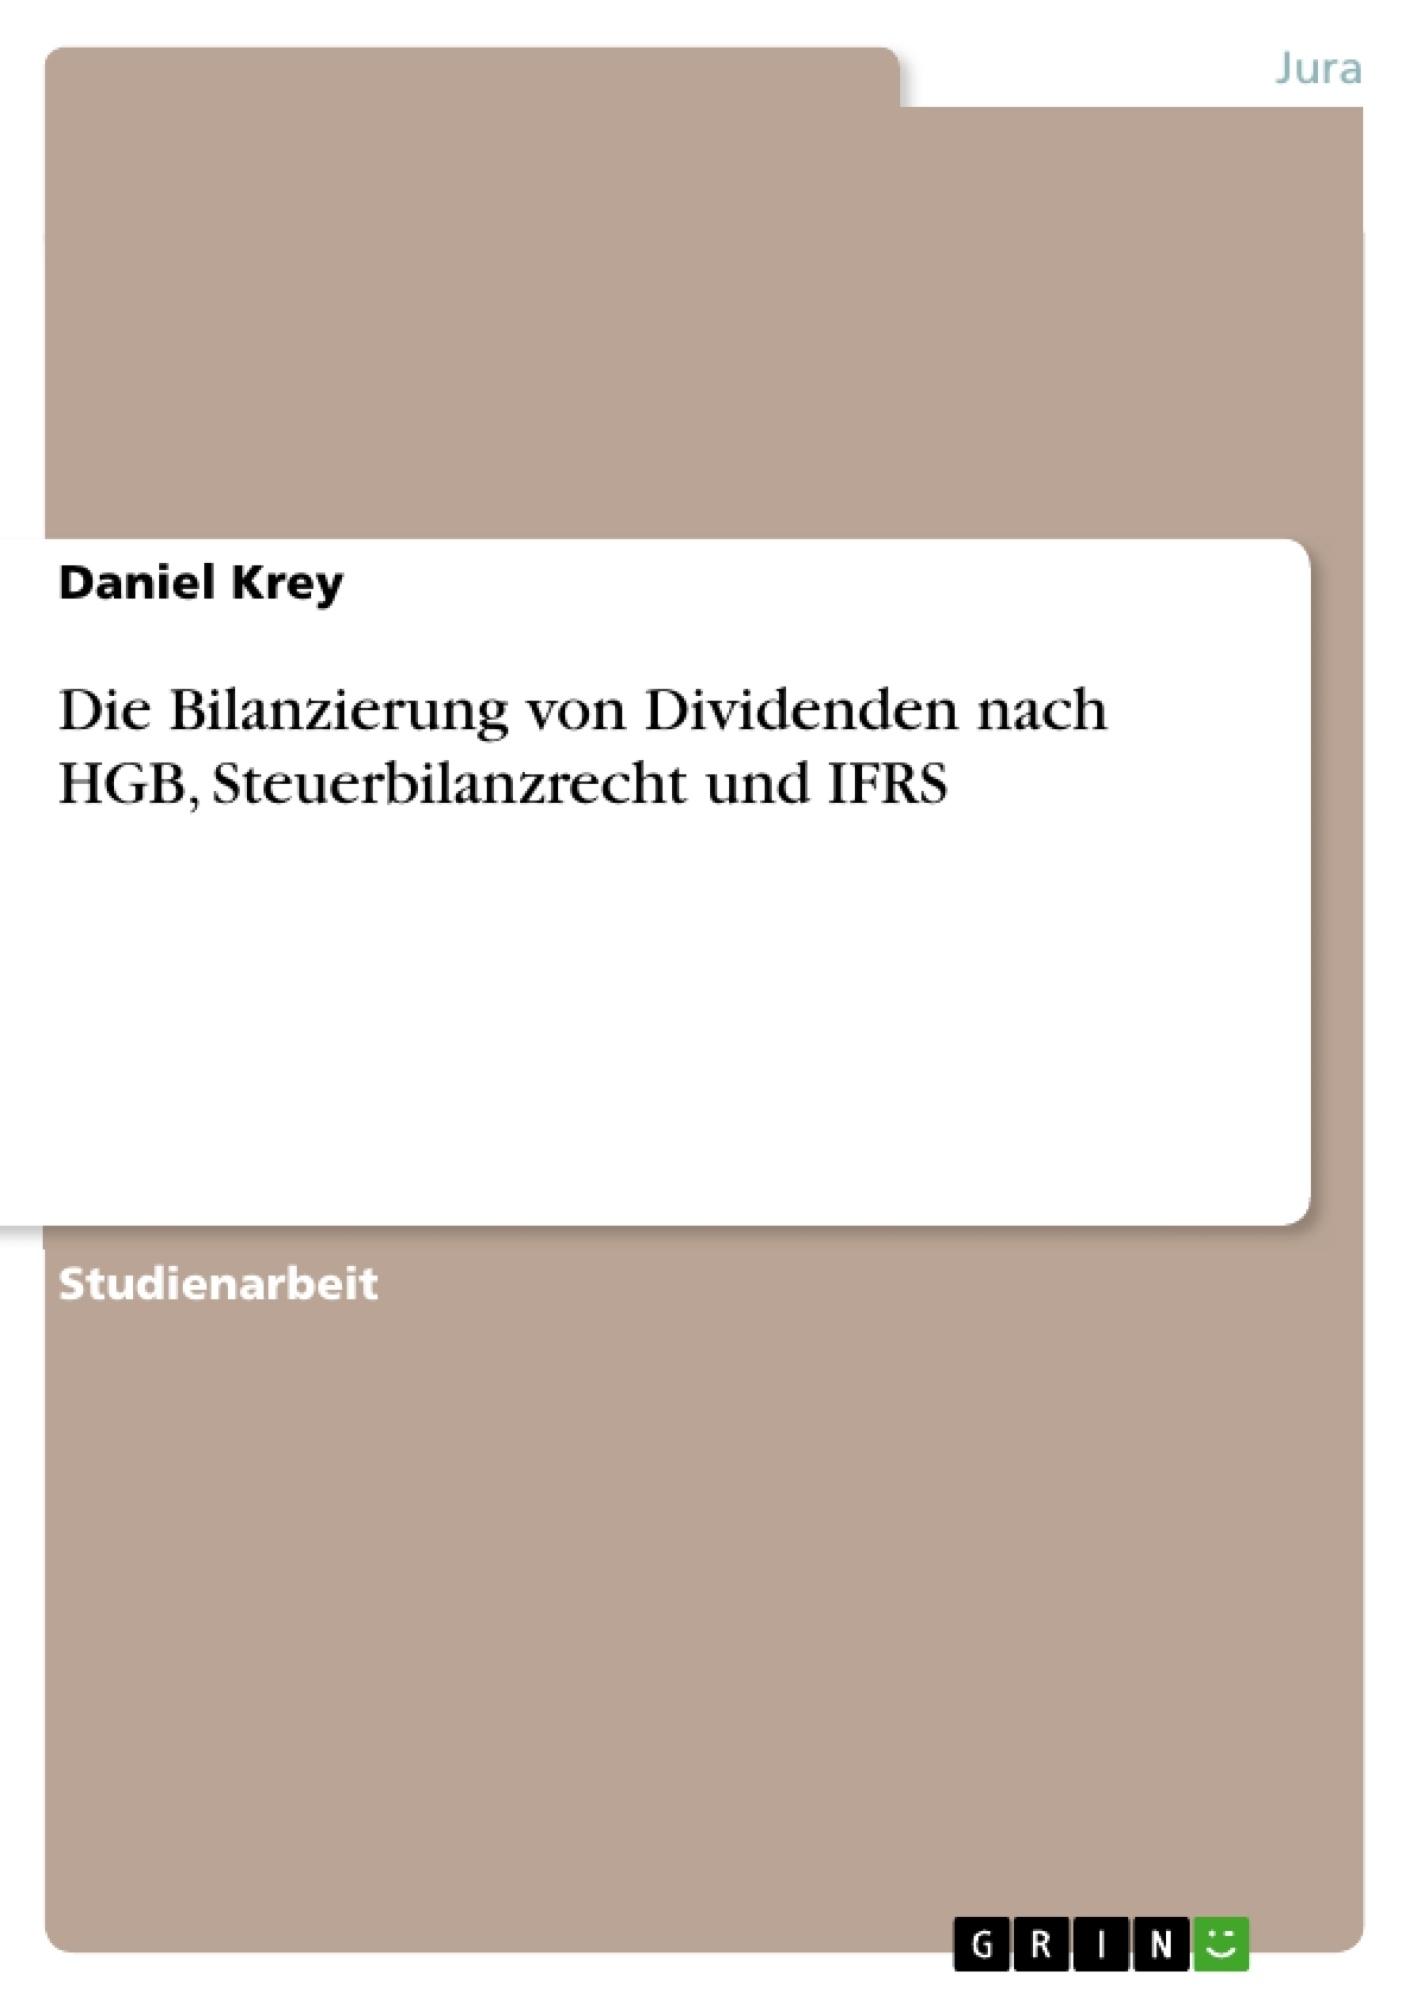 Die Bilanzierung von Dividenden nach HGB, Steuerbilanzrecht und IFRS ...